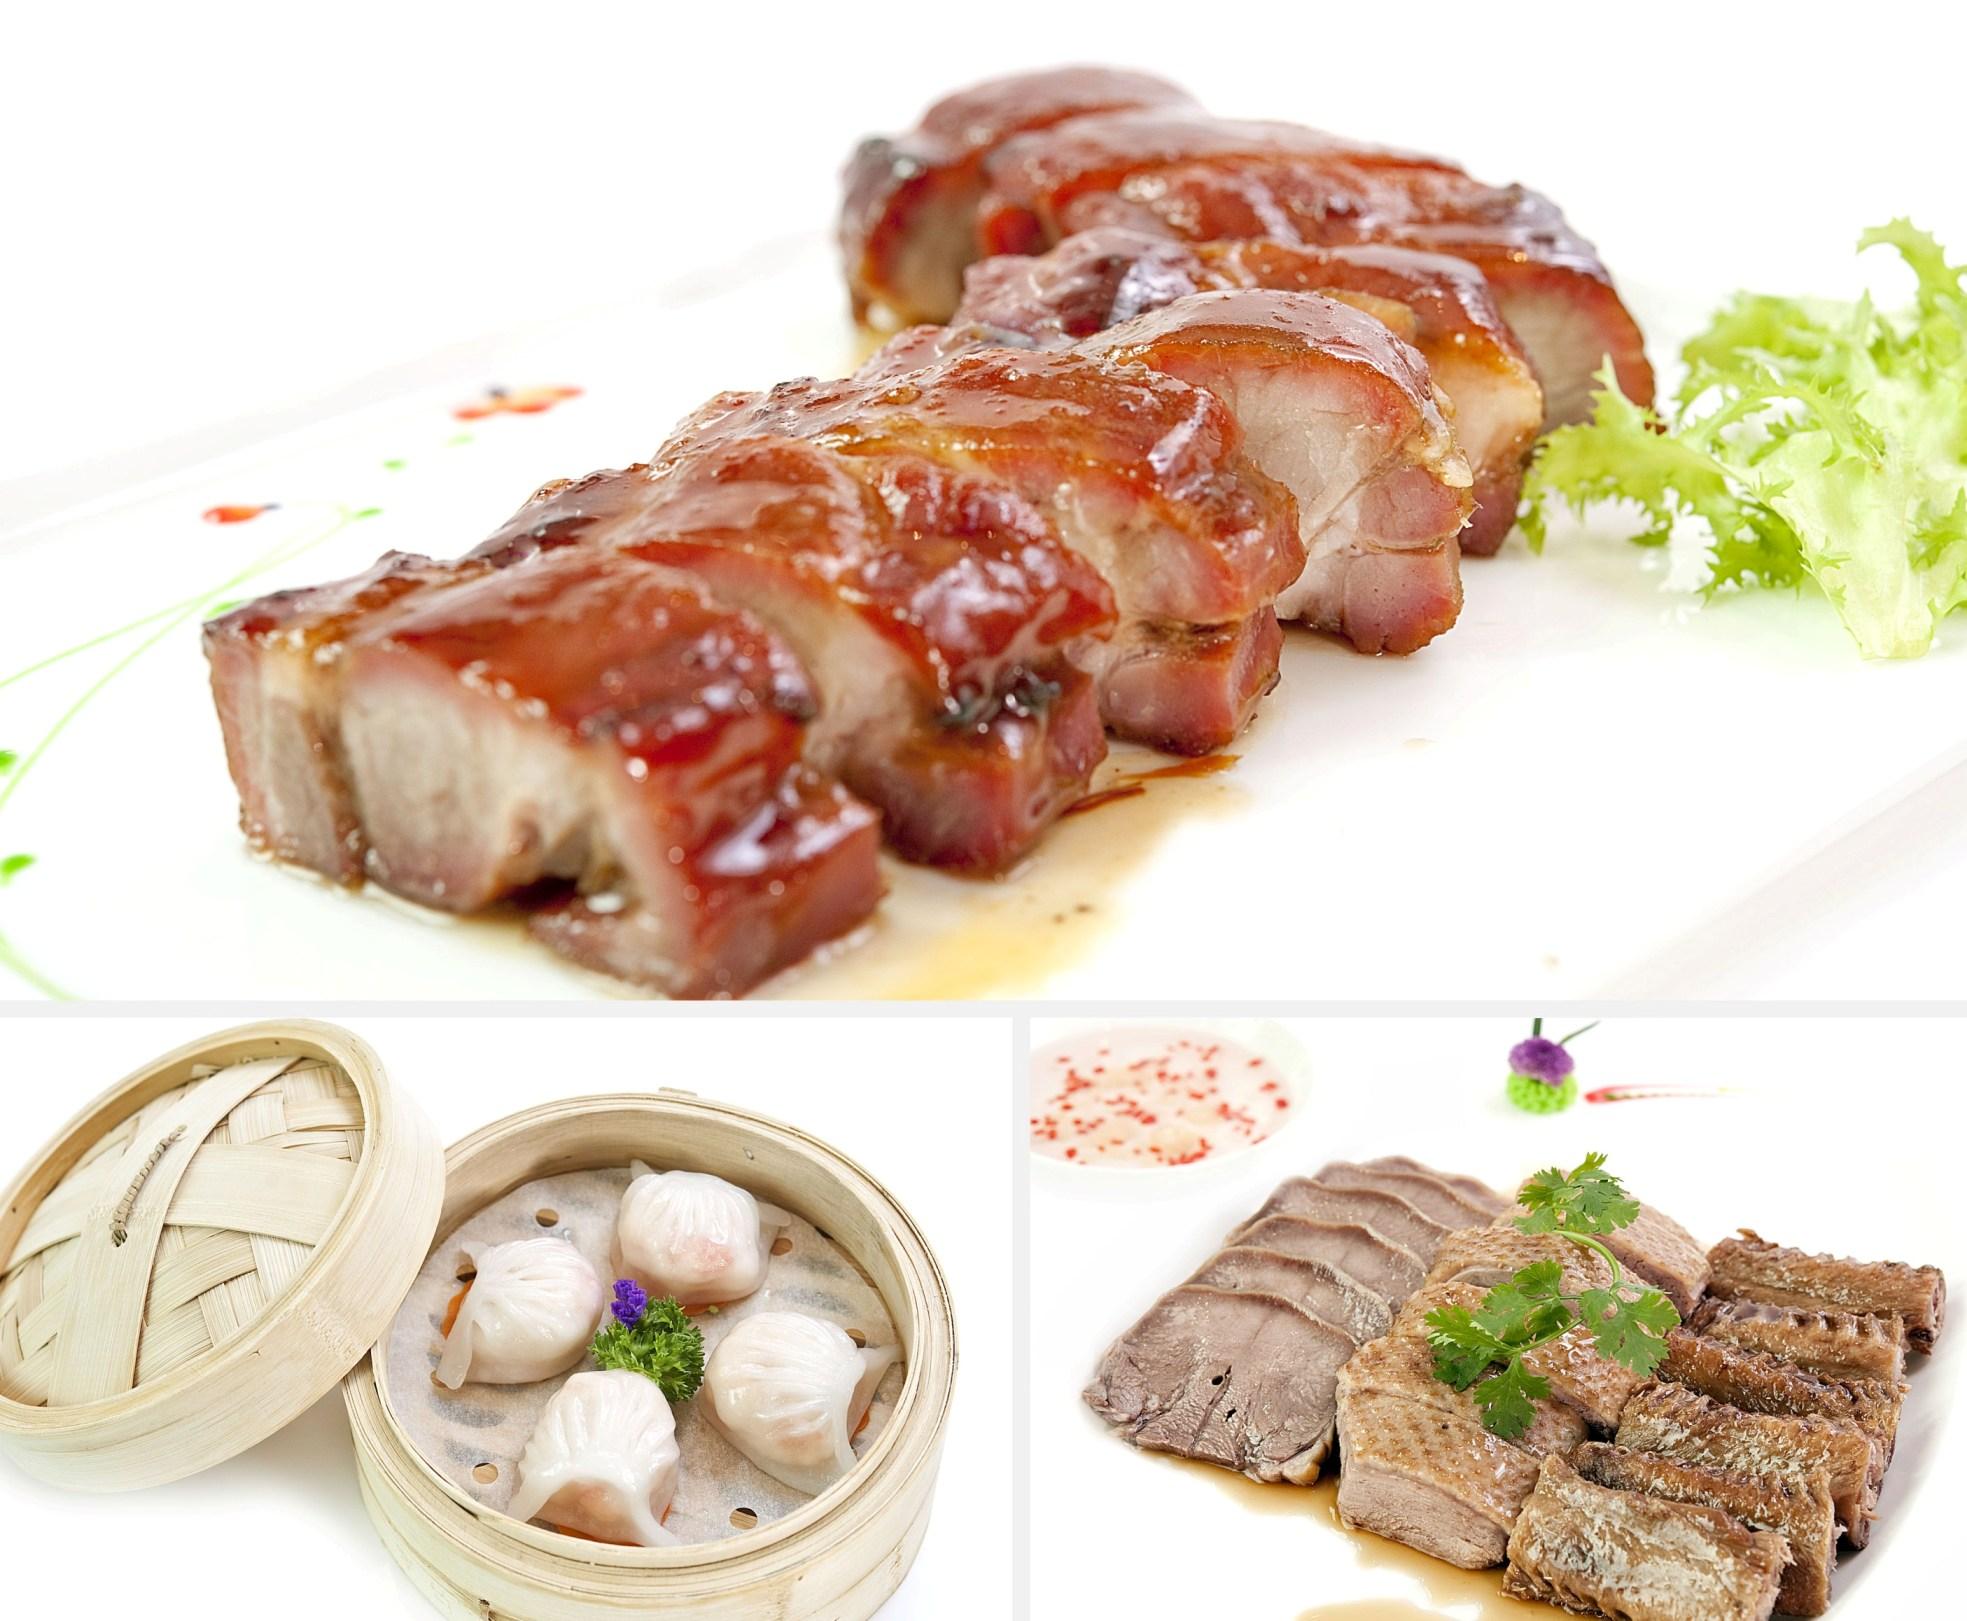 ẩm thực Quảng Đông tại Ngân Đình Sài Gòn - elle việt nam